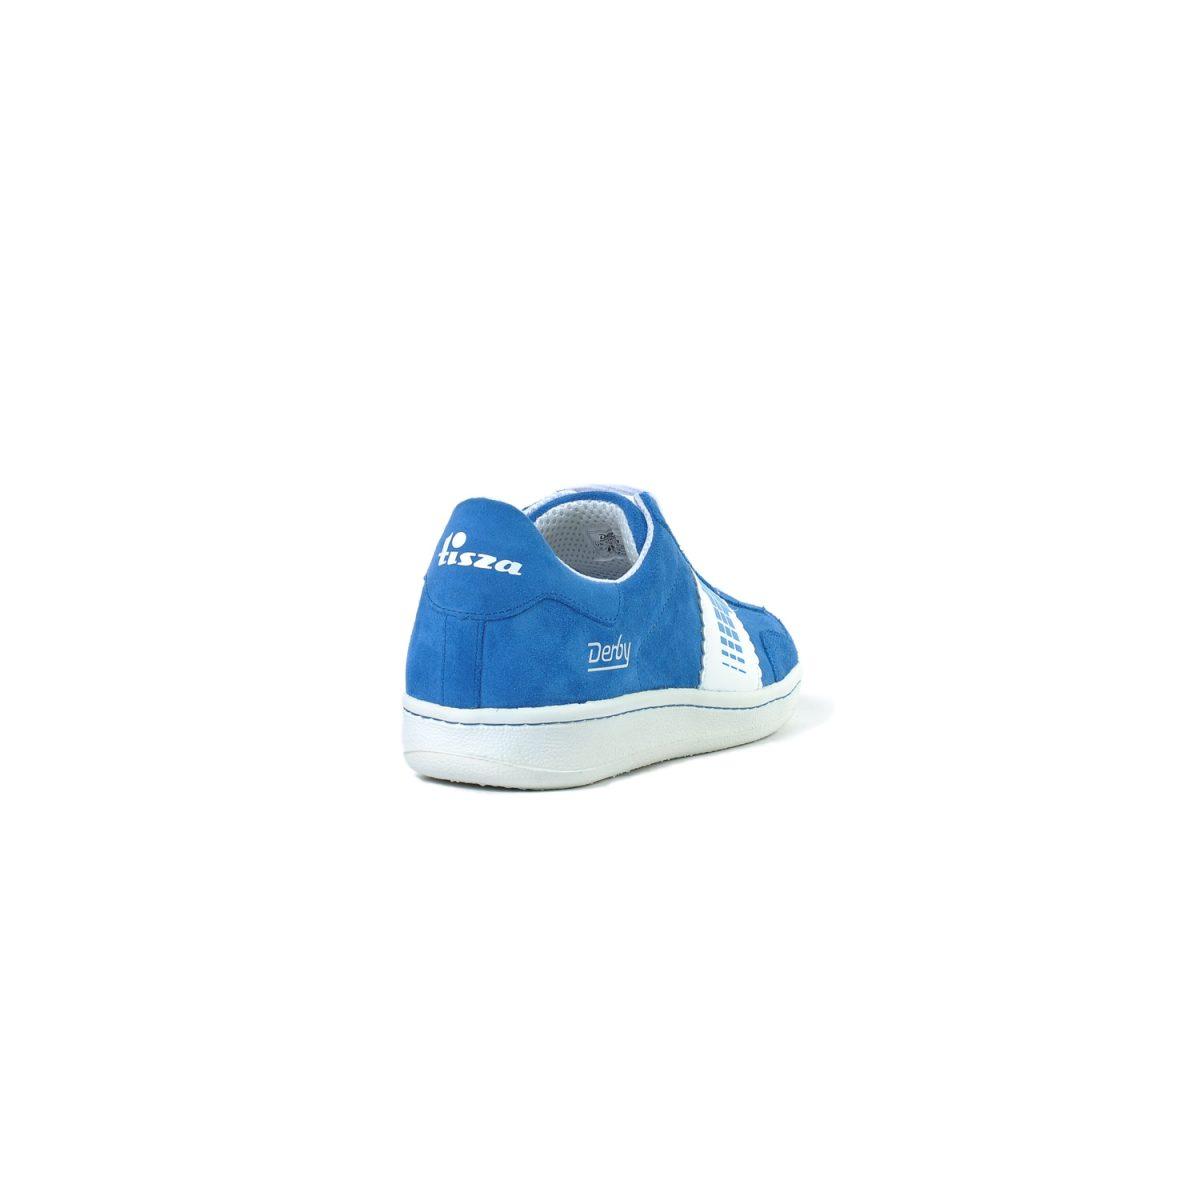 Tisza shoes - Derby - Royal